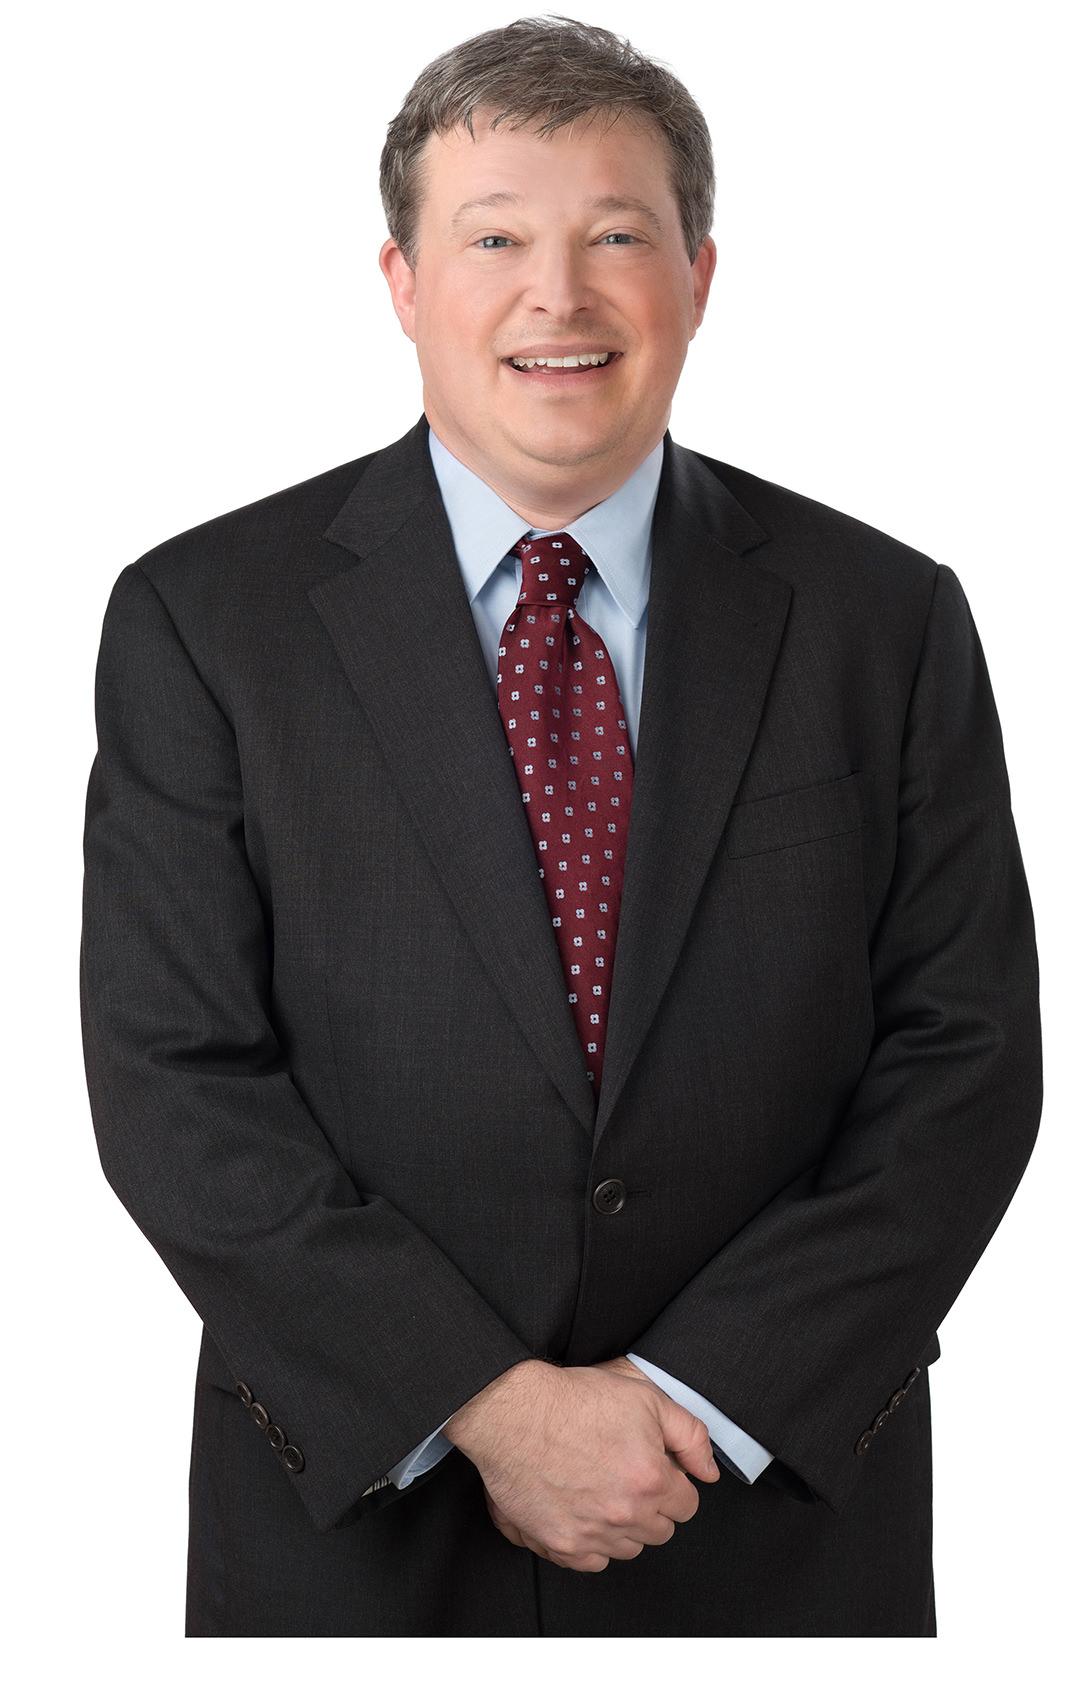 Philip A. Cooper